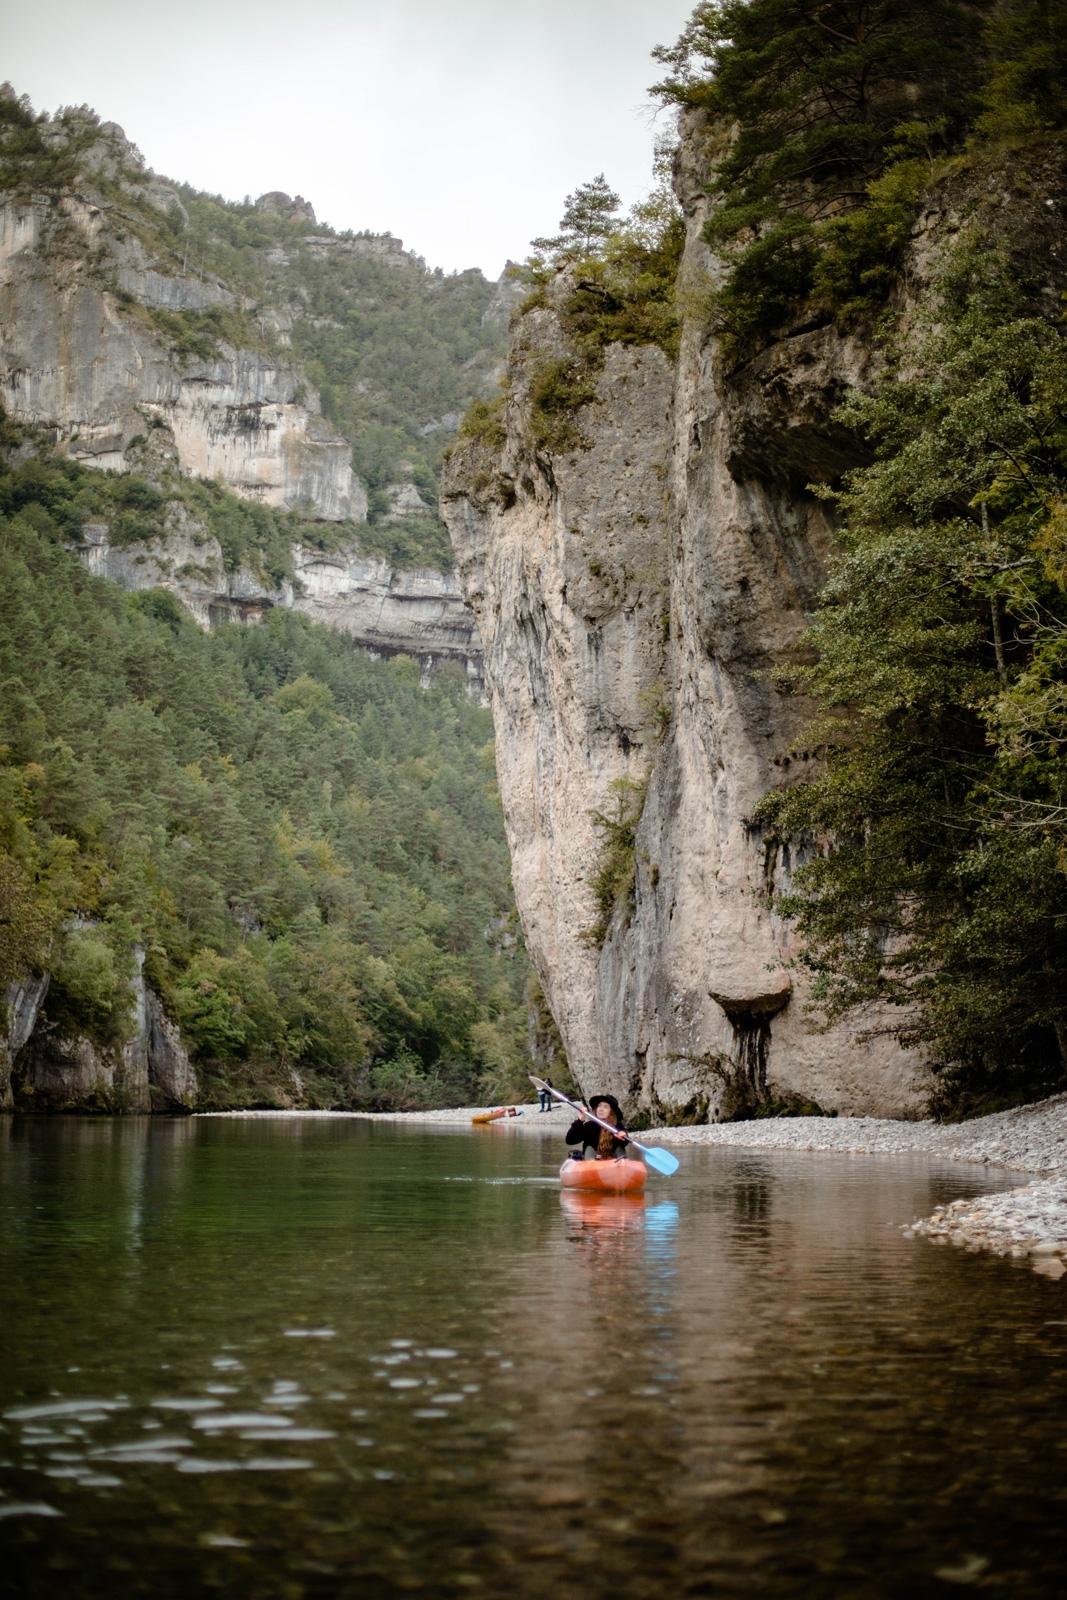 parcours canoe gorges du tarn Lozère